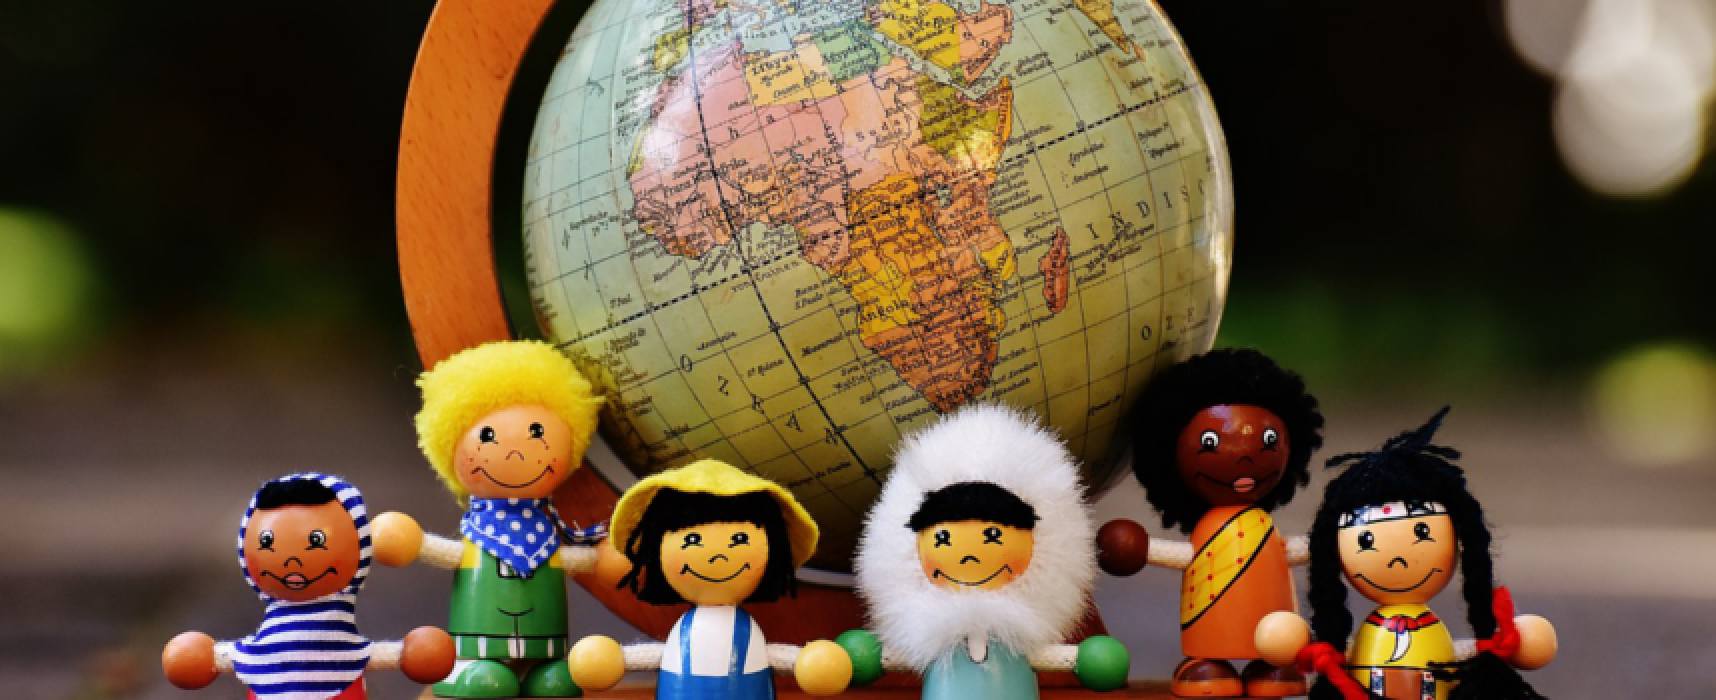 Opportunità di volontariato all'estero grazie al progetto EU Aid volunteers